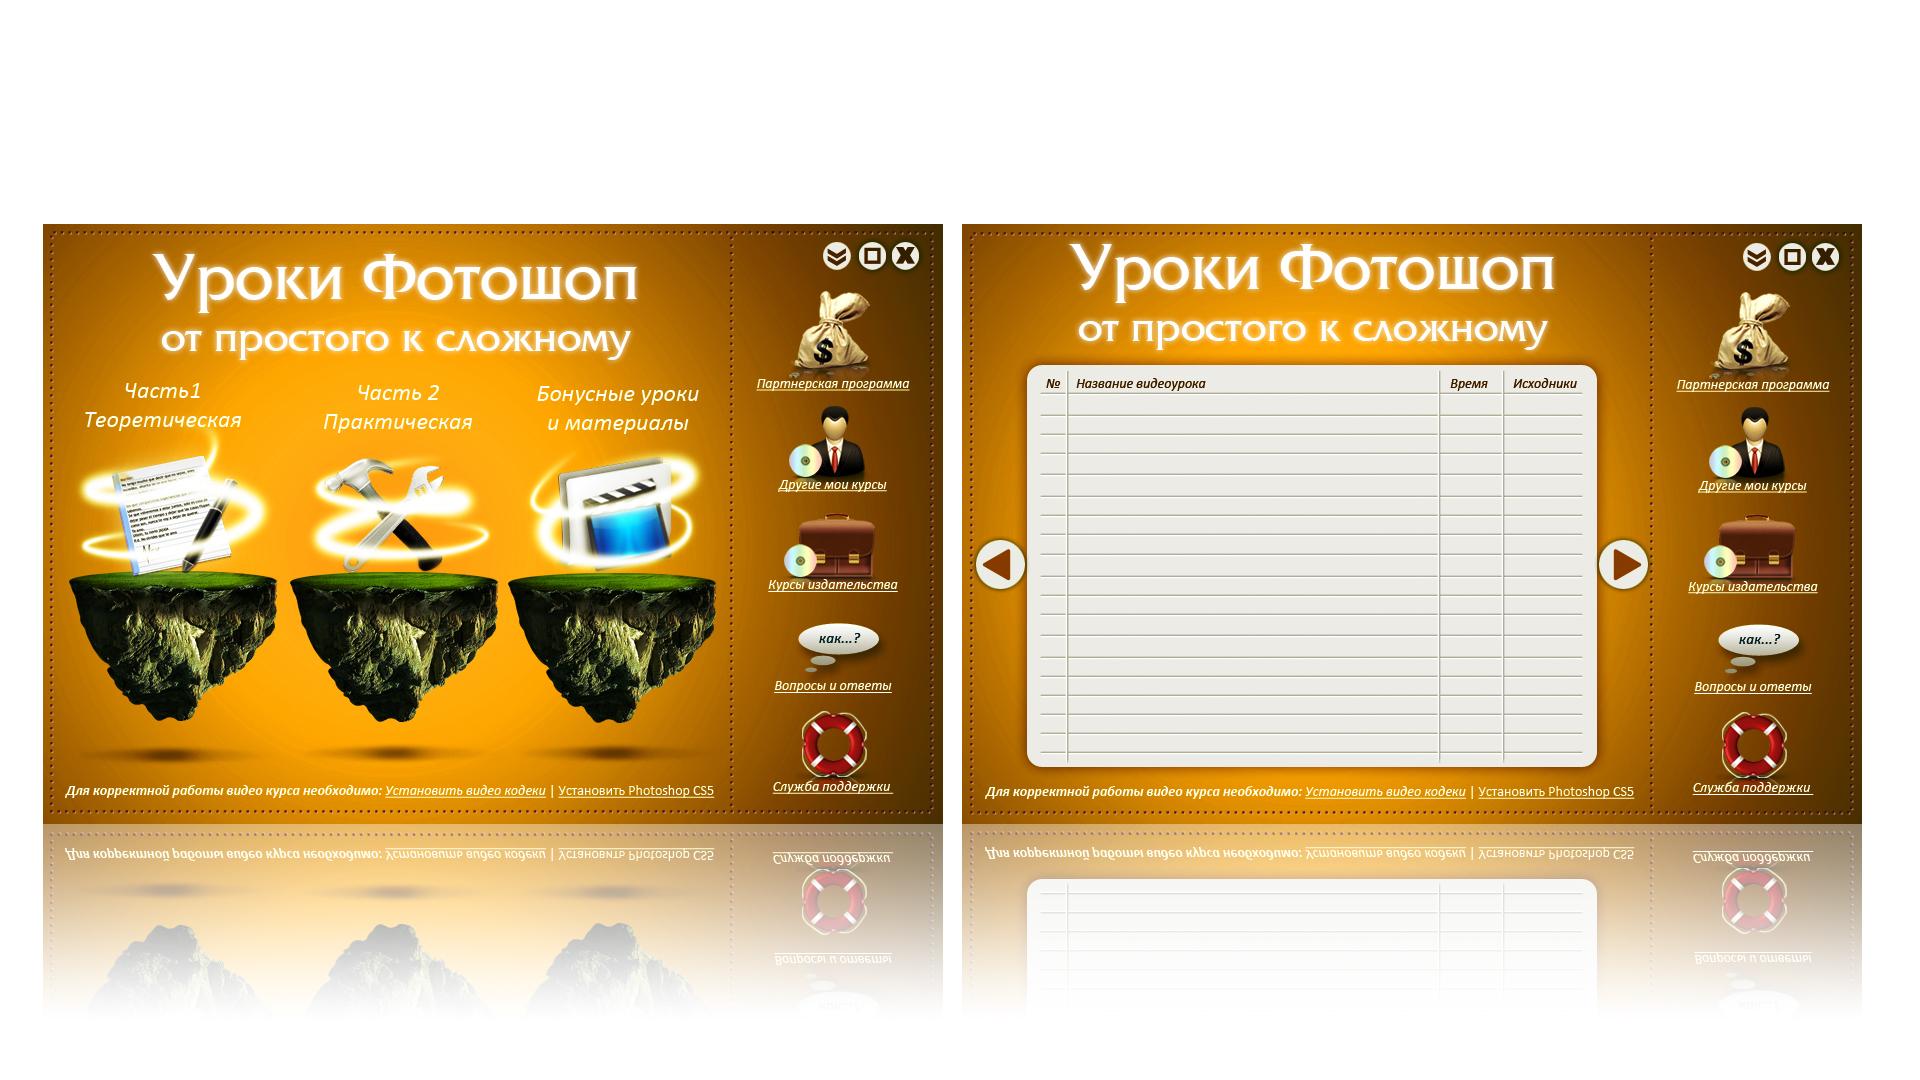 Создание дизайна DVD релиза (обложка, накатка, меню и т.п.) фото f_4d8f15c90b2a6.jpg